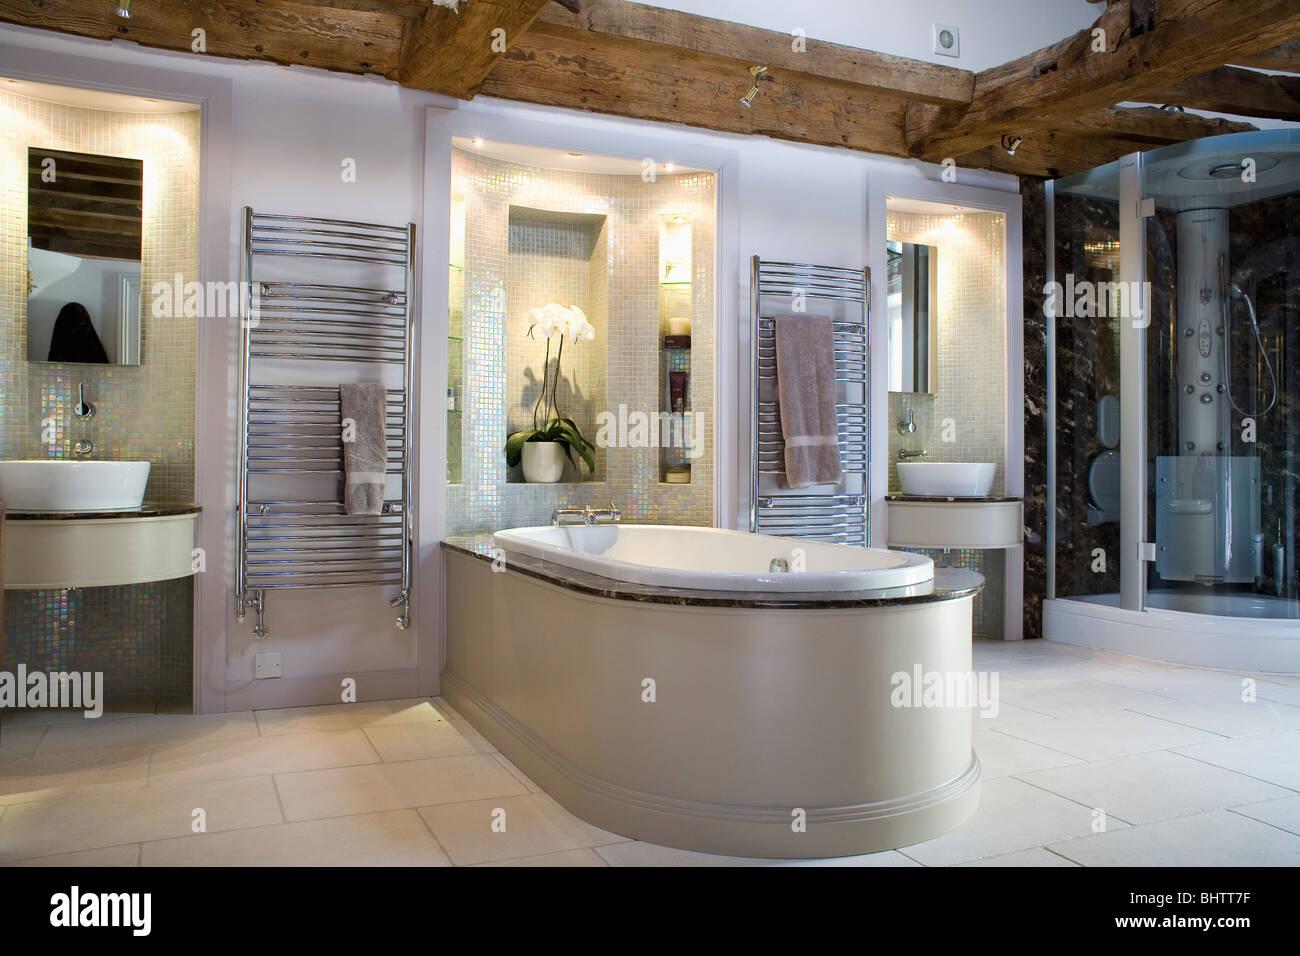 https www alamyimages fr photo image dans les bassins d alcoves eclaire dans grande salle de bains moderne avec baignoire s etendant au prix 28205395 html